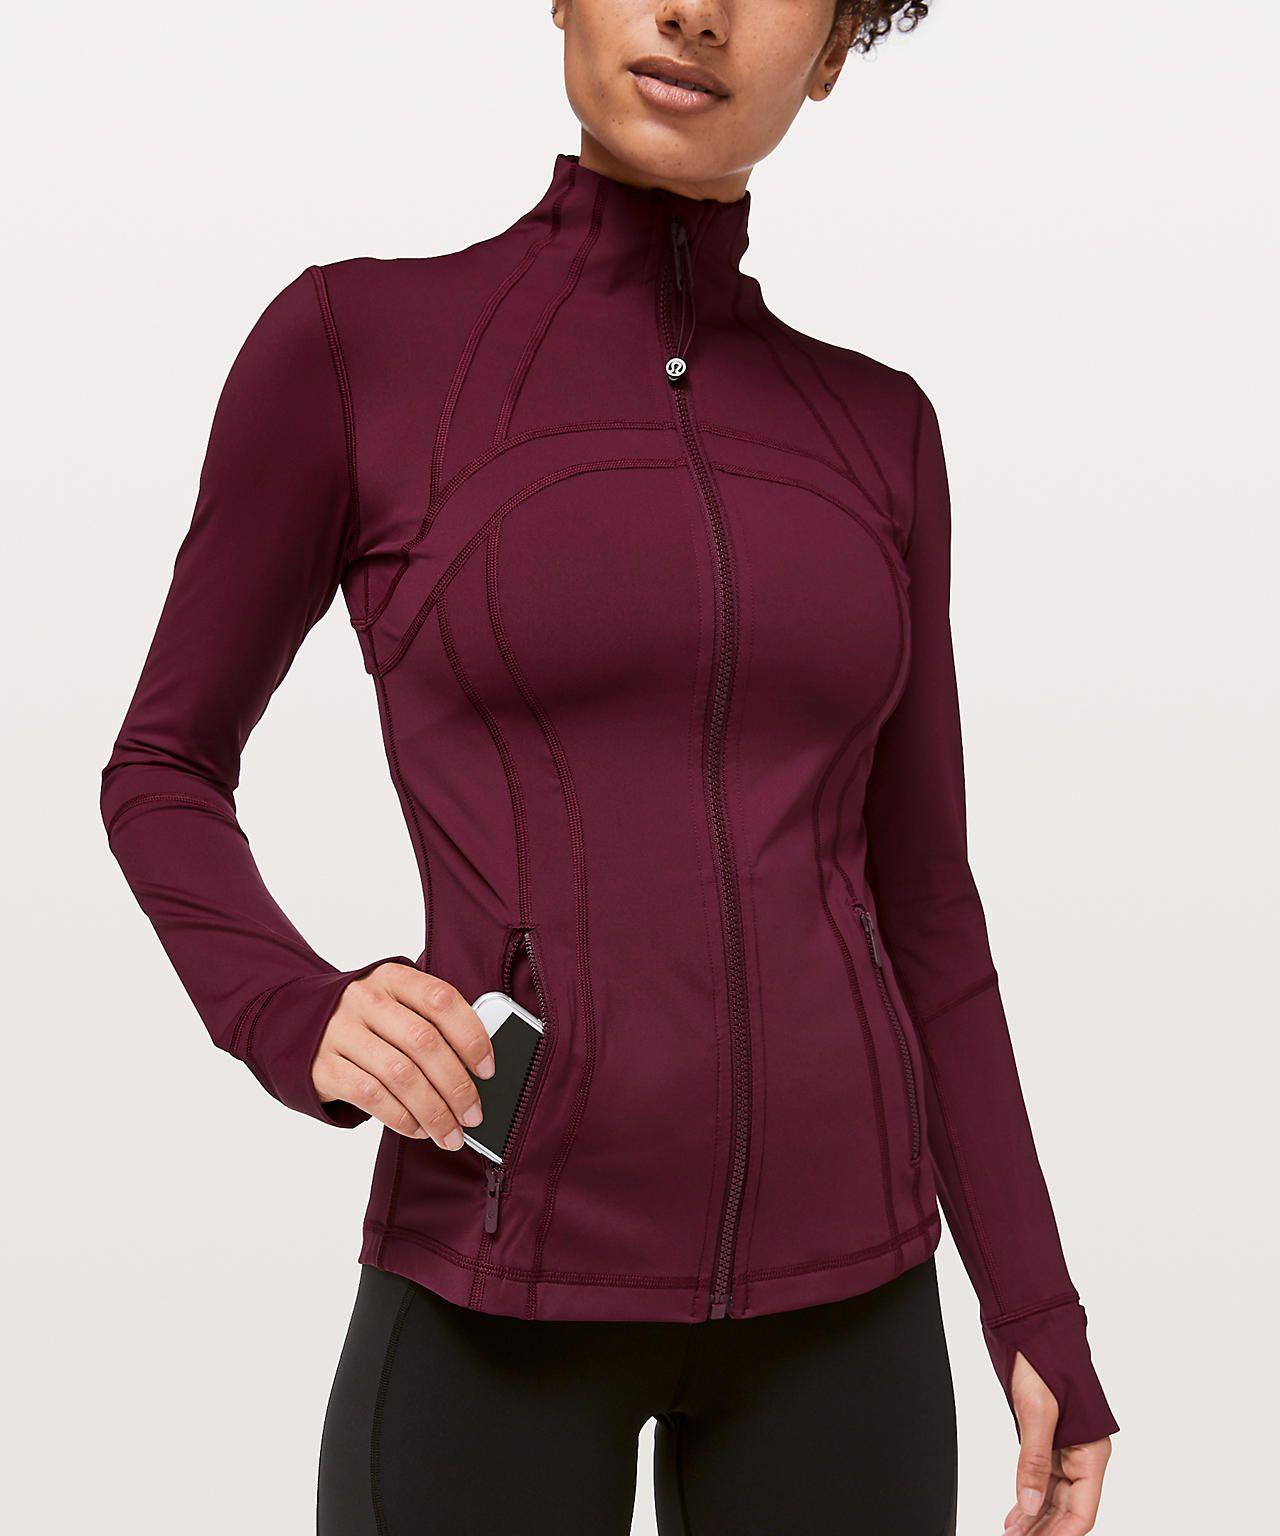 Define Jacket Nulux Women S Jackets Outerwear Lululemon Jackets Jackets For Women Outerwear Jackets [ 1536 x 1280 Pixel ]